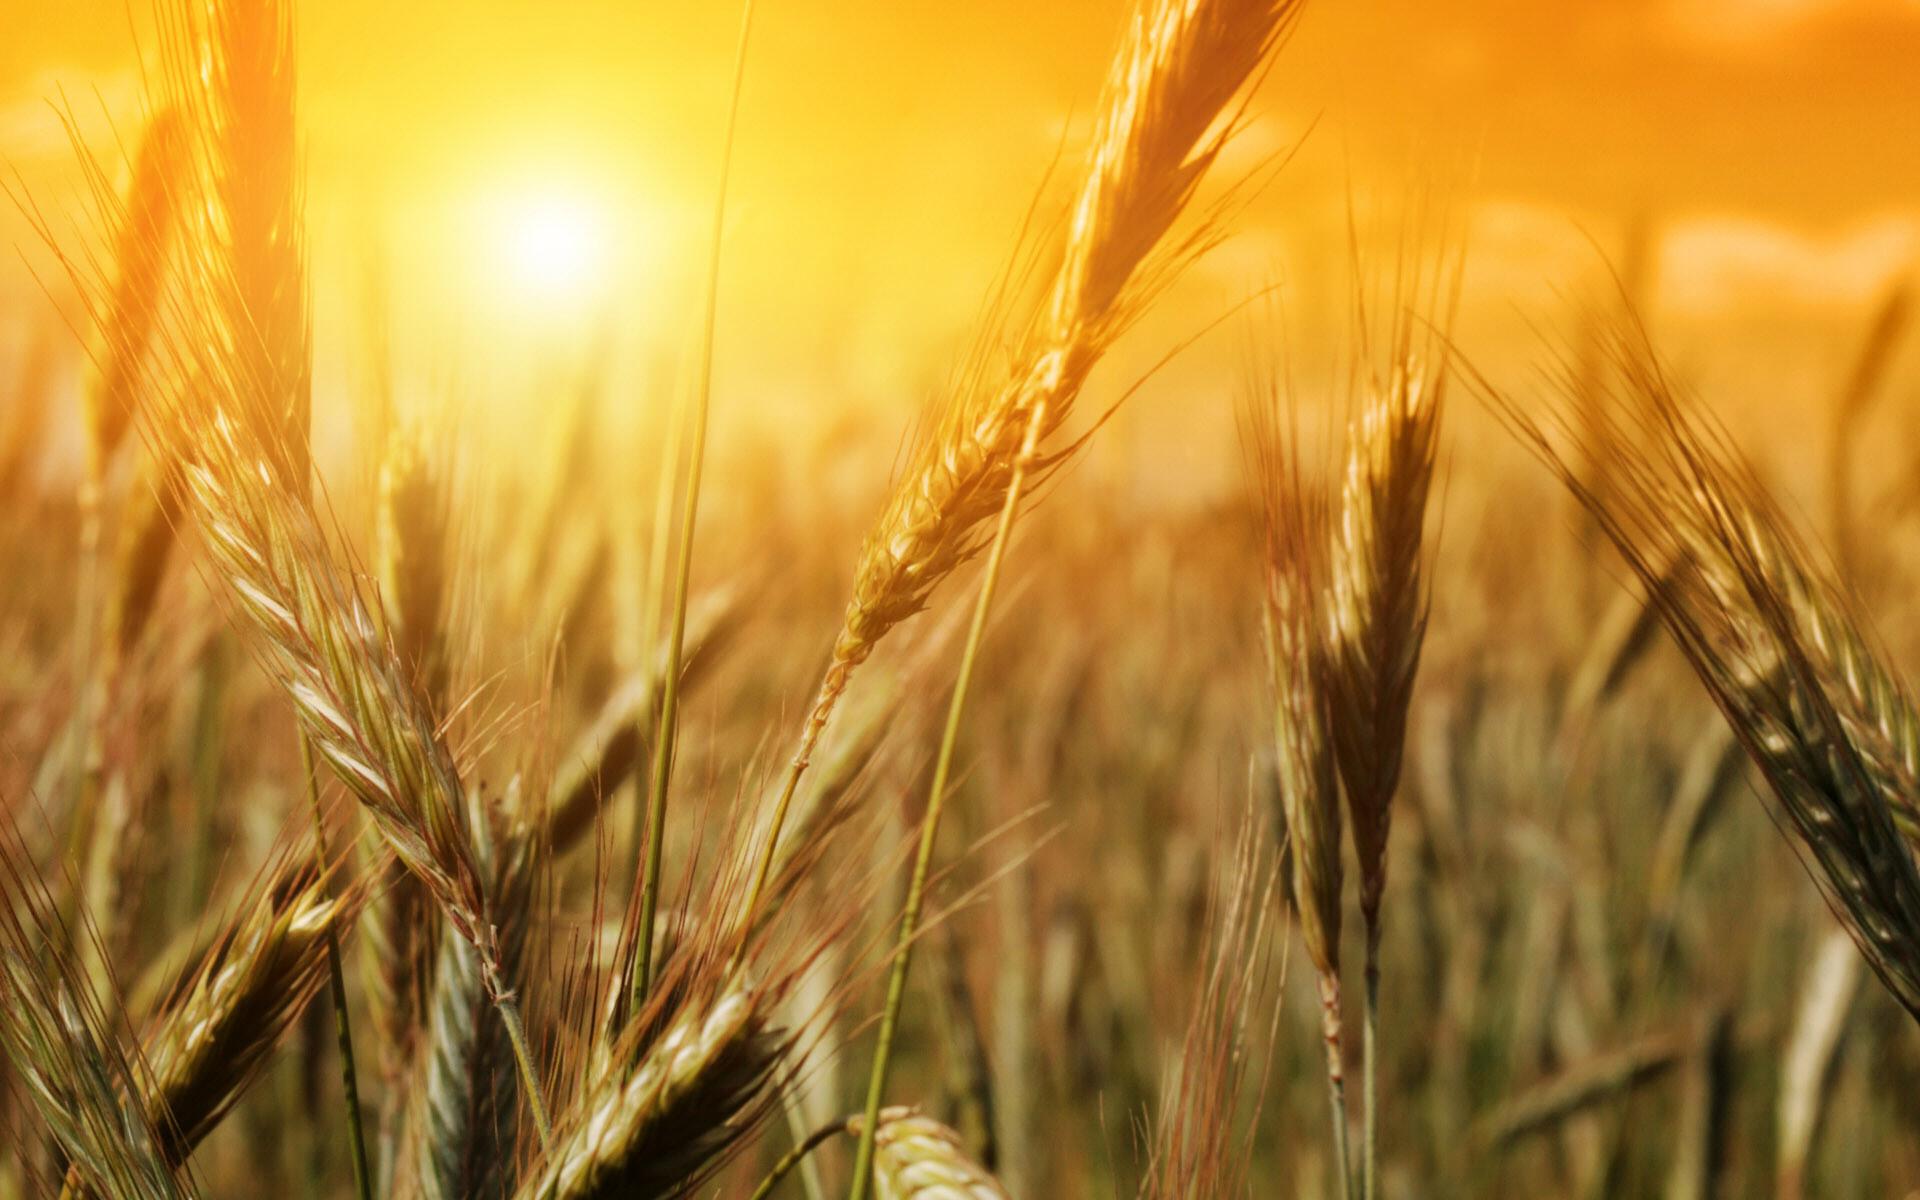 Wheat Field Wallpaper